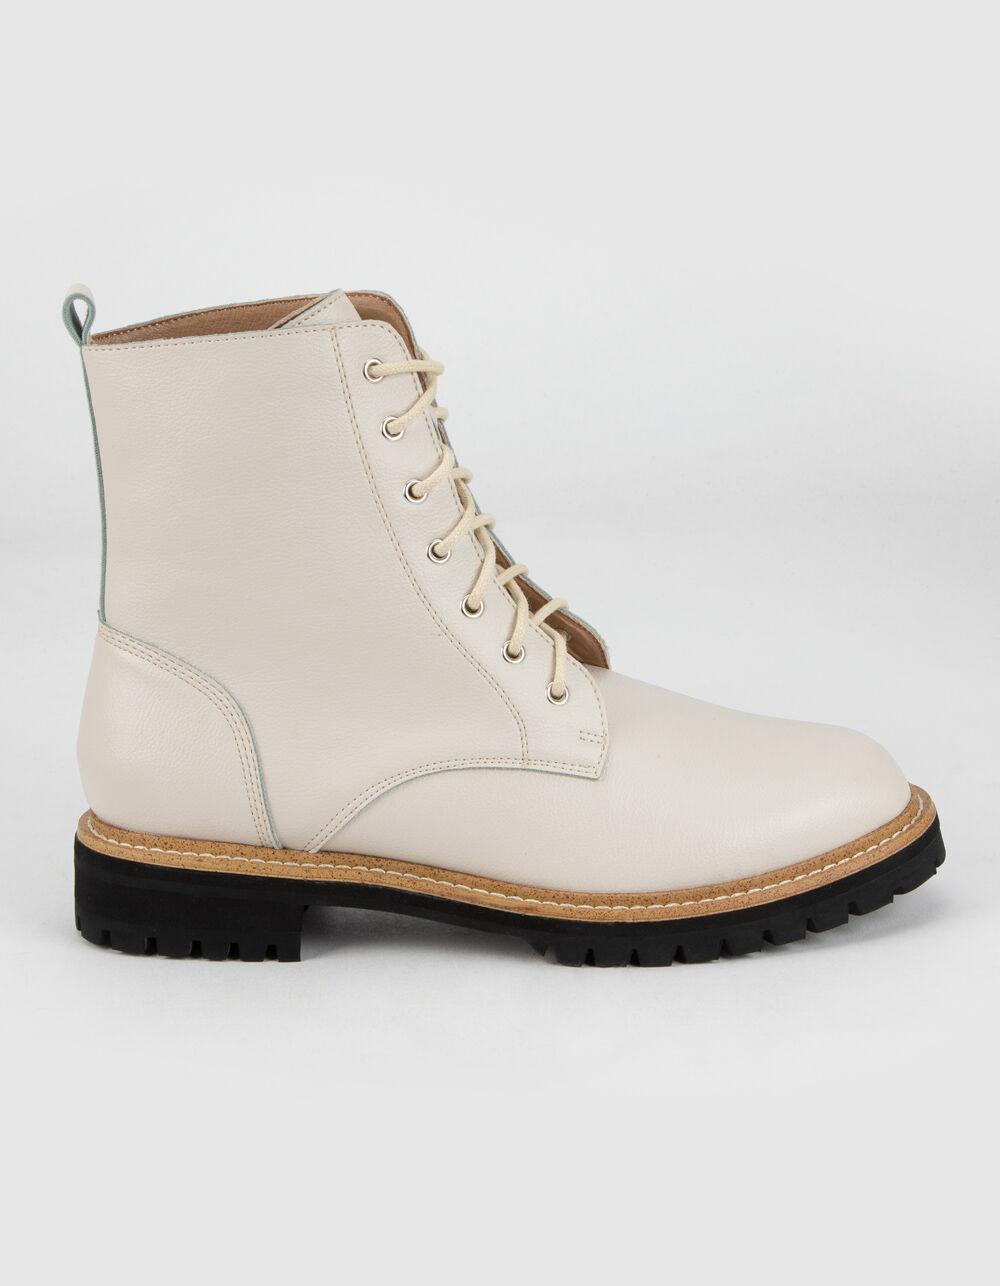 MI.IM Drew Combat Boots